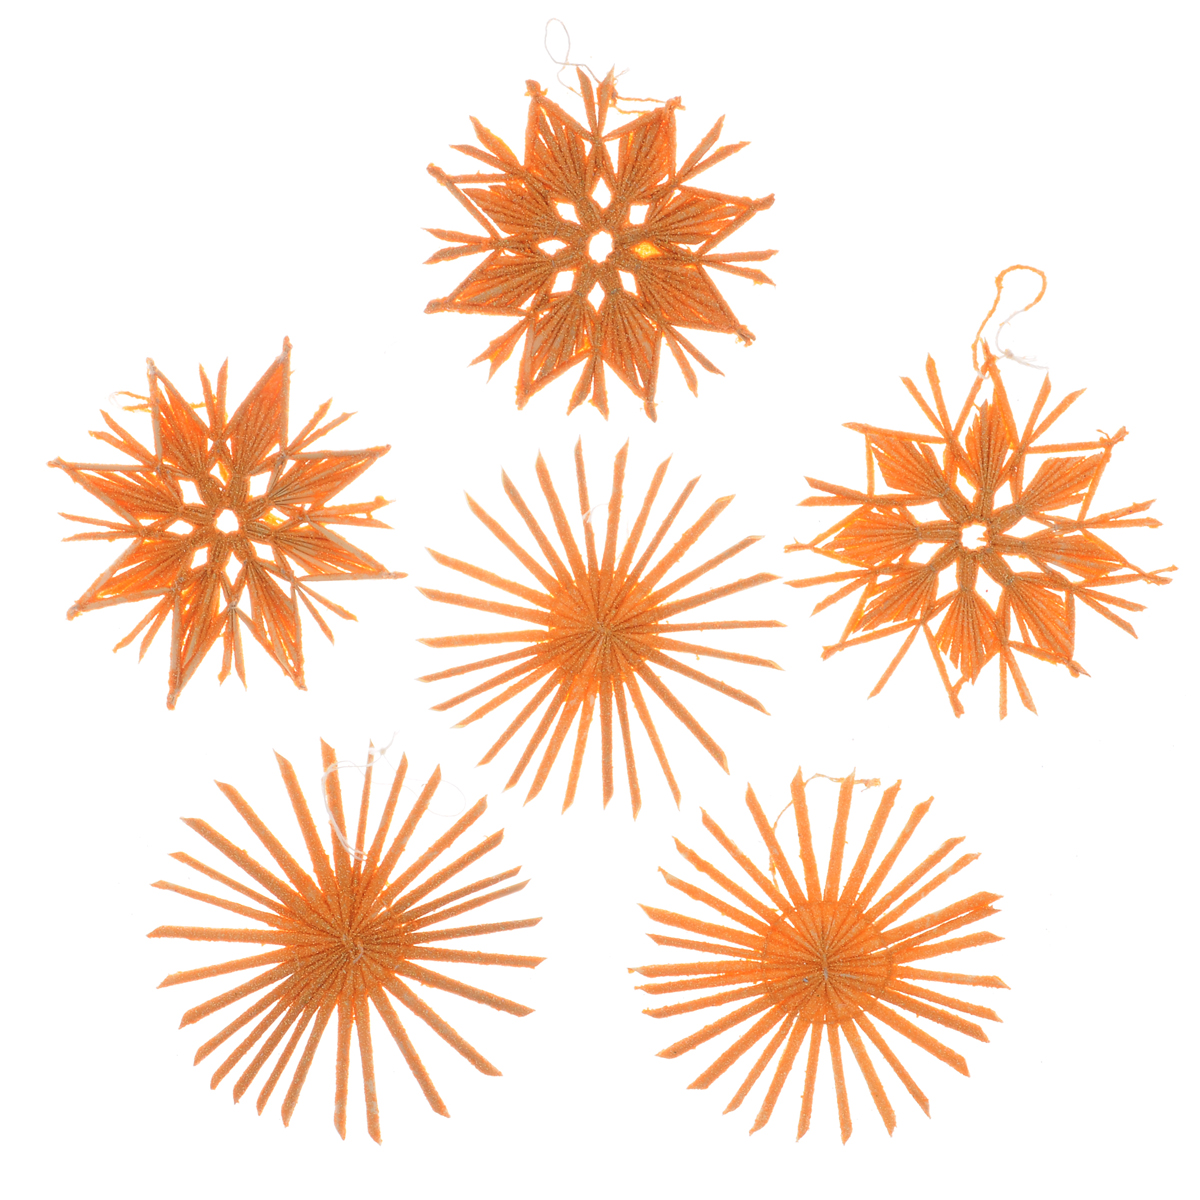 Набор новогодних подвесных украшений Феникс-презент Звезды, цвет: оранжевый, 6 шт38637Стильный набор Феникс-презент Звезды, состоящий из 6 новогодних подвесных украшений, отлично подойдет для декорации вашего дома и новогодней ели. Изделия выполнены из соломы в виде звездочек, оформленных блестками. Украшения имеют специальные петельки для подвешивания. Вы можете преподнести этот милый подарок с наилучшими пожеланиями счастья в предстоящем году.Новогодние украшения всегда несут в себе волшебство и красоту праздника. Создайте в своем доме атмосферу тепла, веселья и радости, украшая его всей семьей.